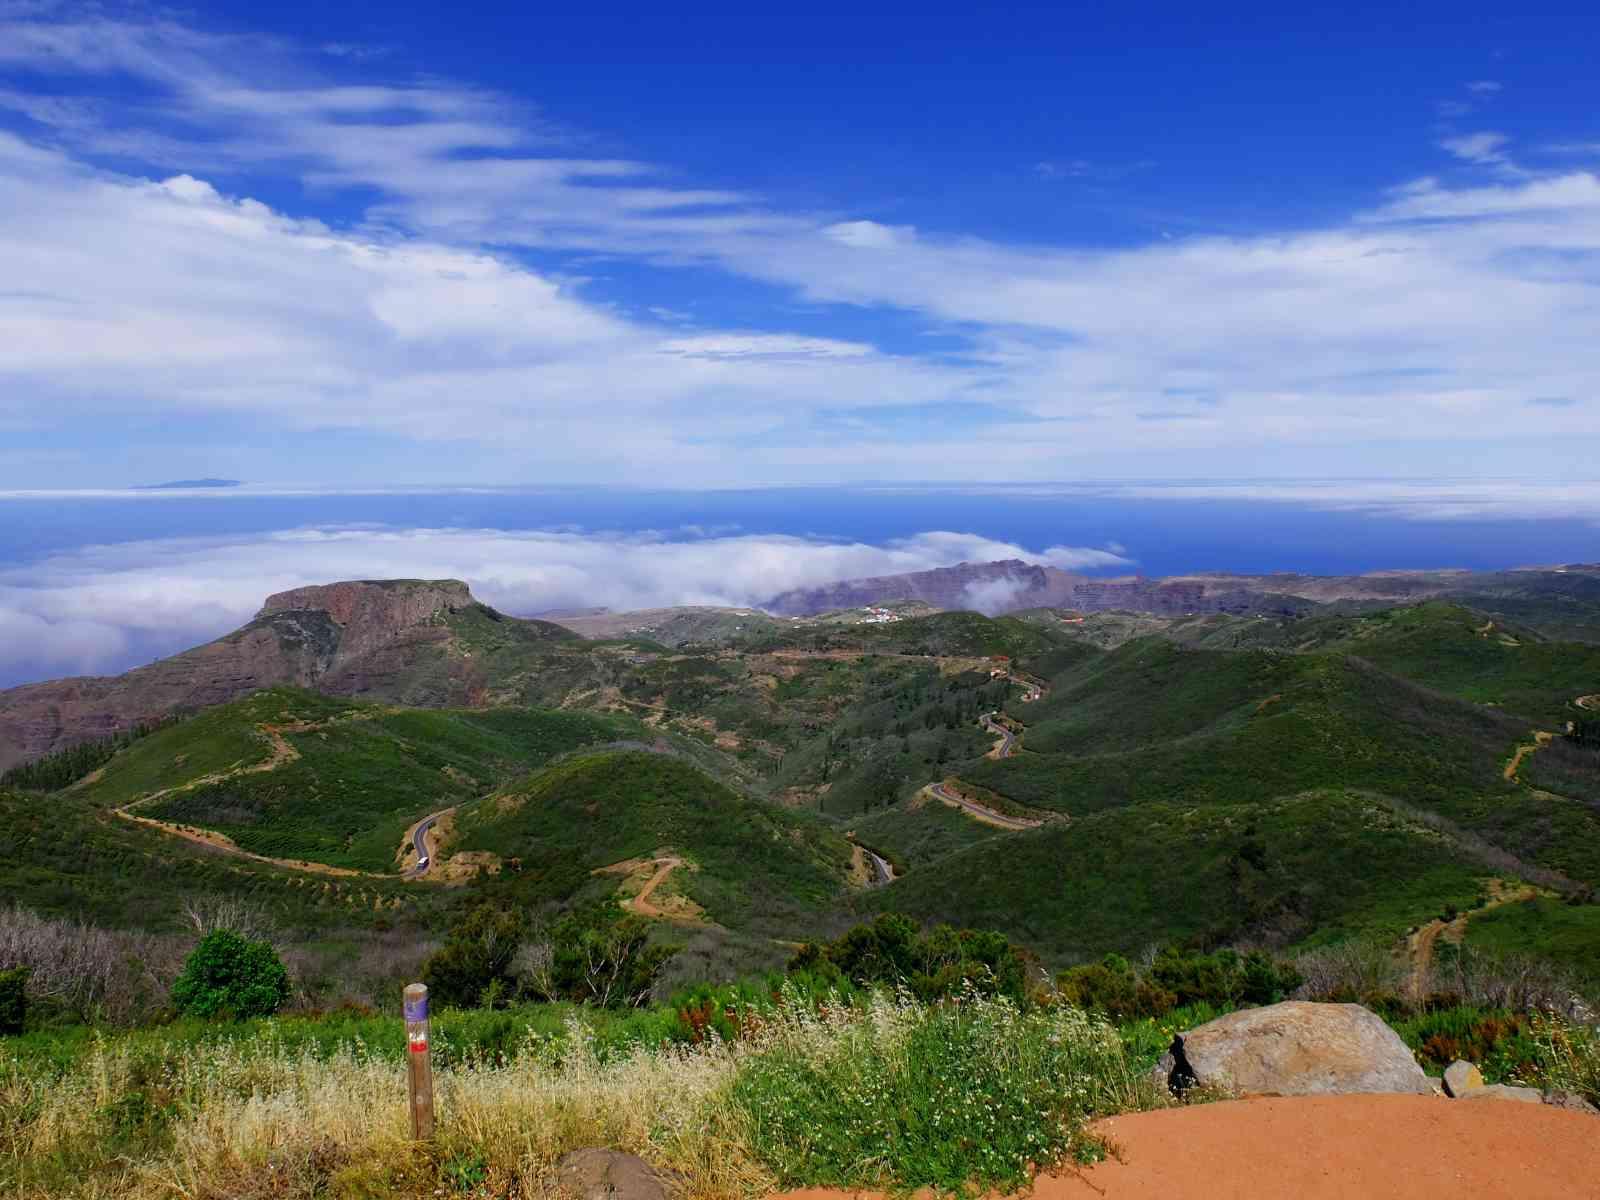 Die höchsten Berge von La Gomera - Blick zum Tafelberg